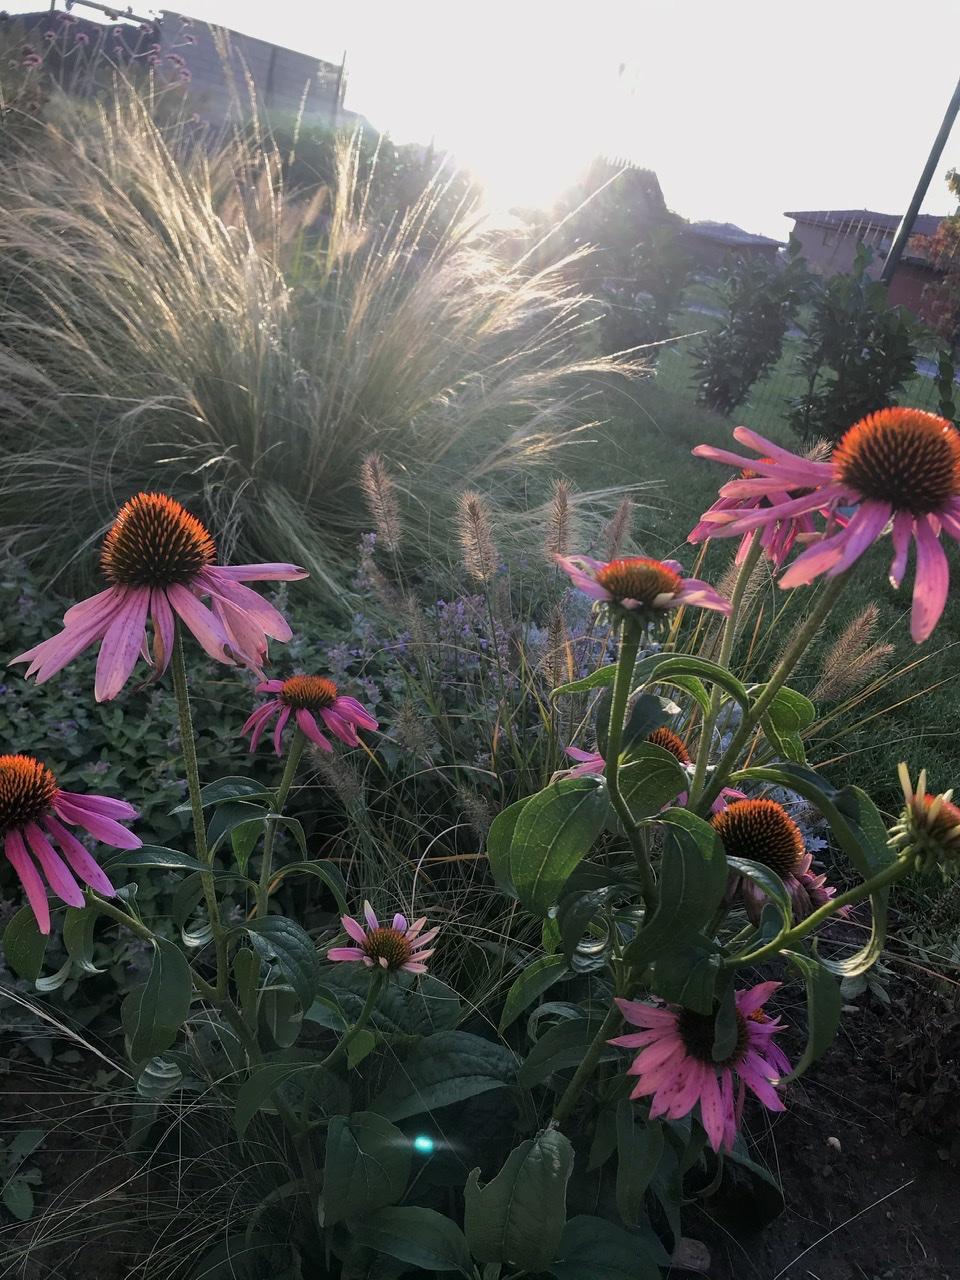 Naše L-ko začiatok 4. roku bývania - Dnešné krásné ráno - kvety si kvitnú akoby nebol pomaly prosinec  :)